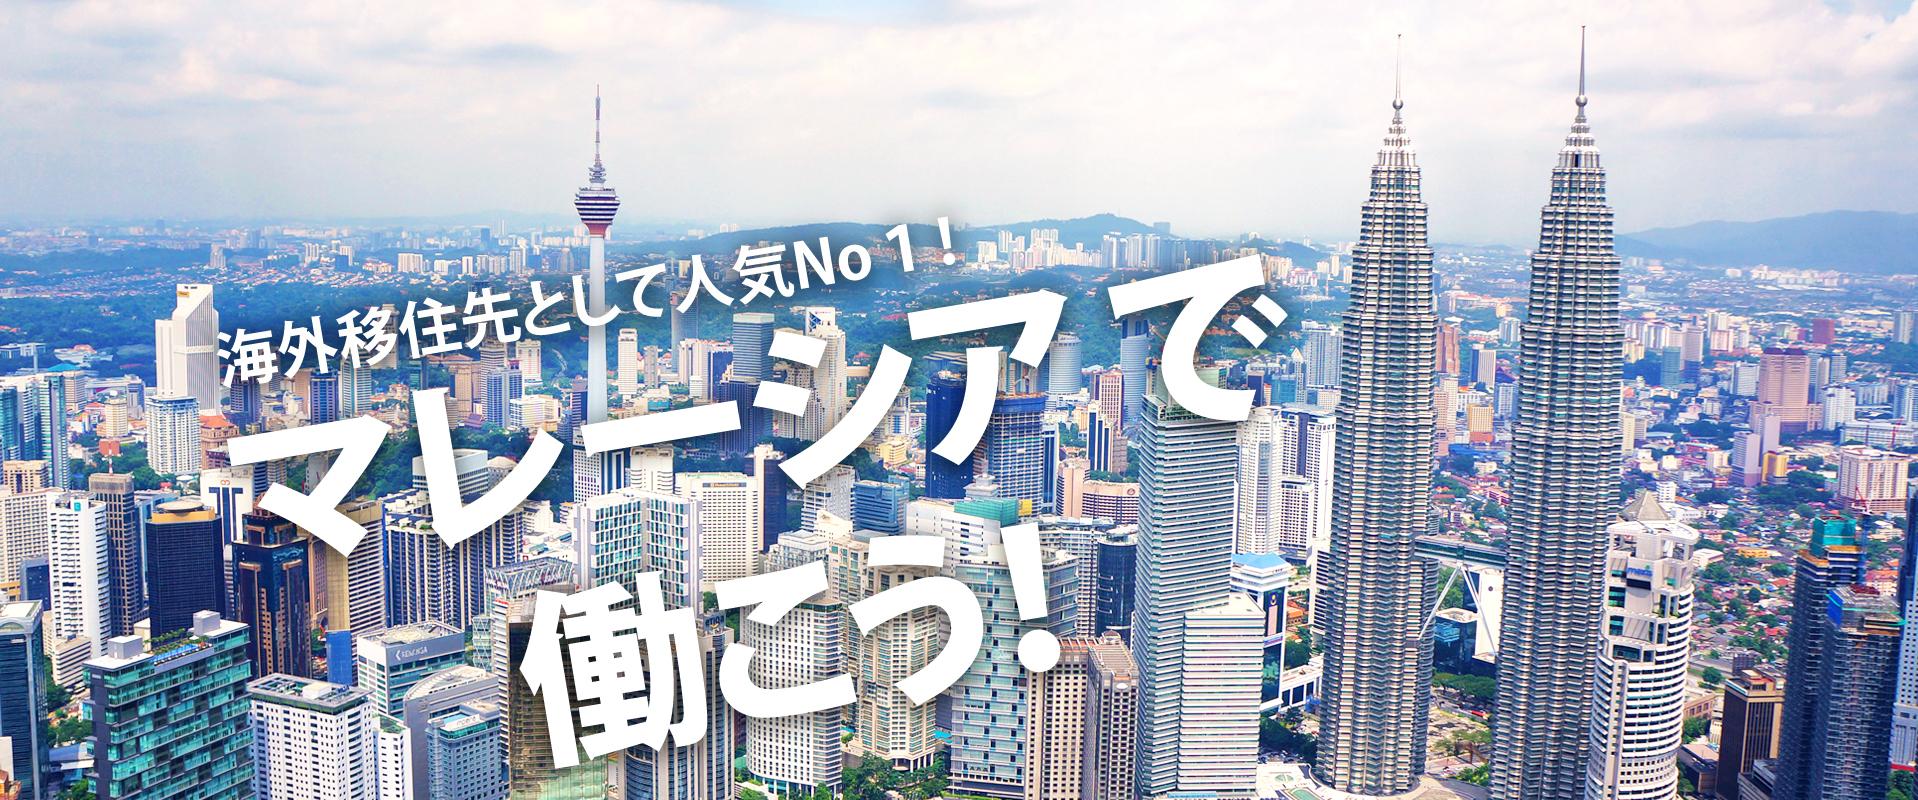 海外移住先として人気No.1!マレーシアで働こう! | マレーシア求人情報無料で探すなら【AN asia】